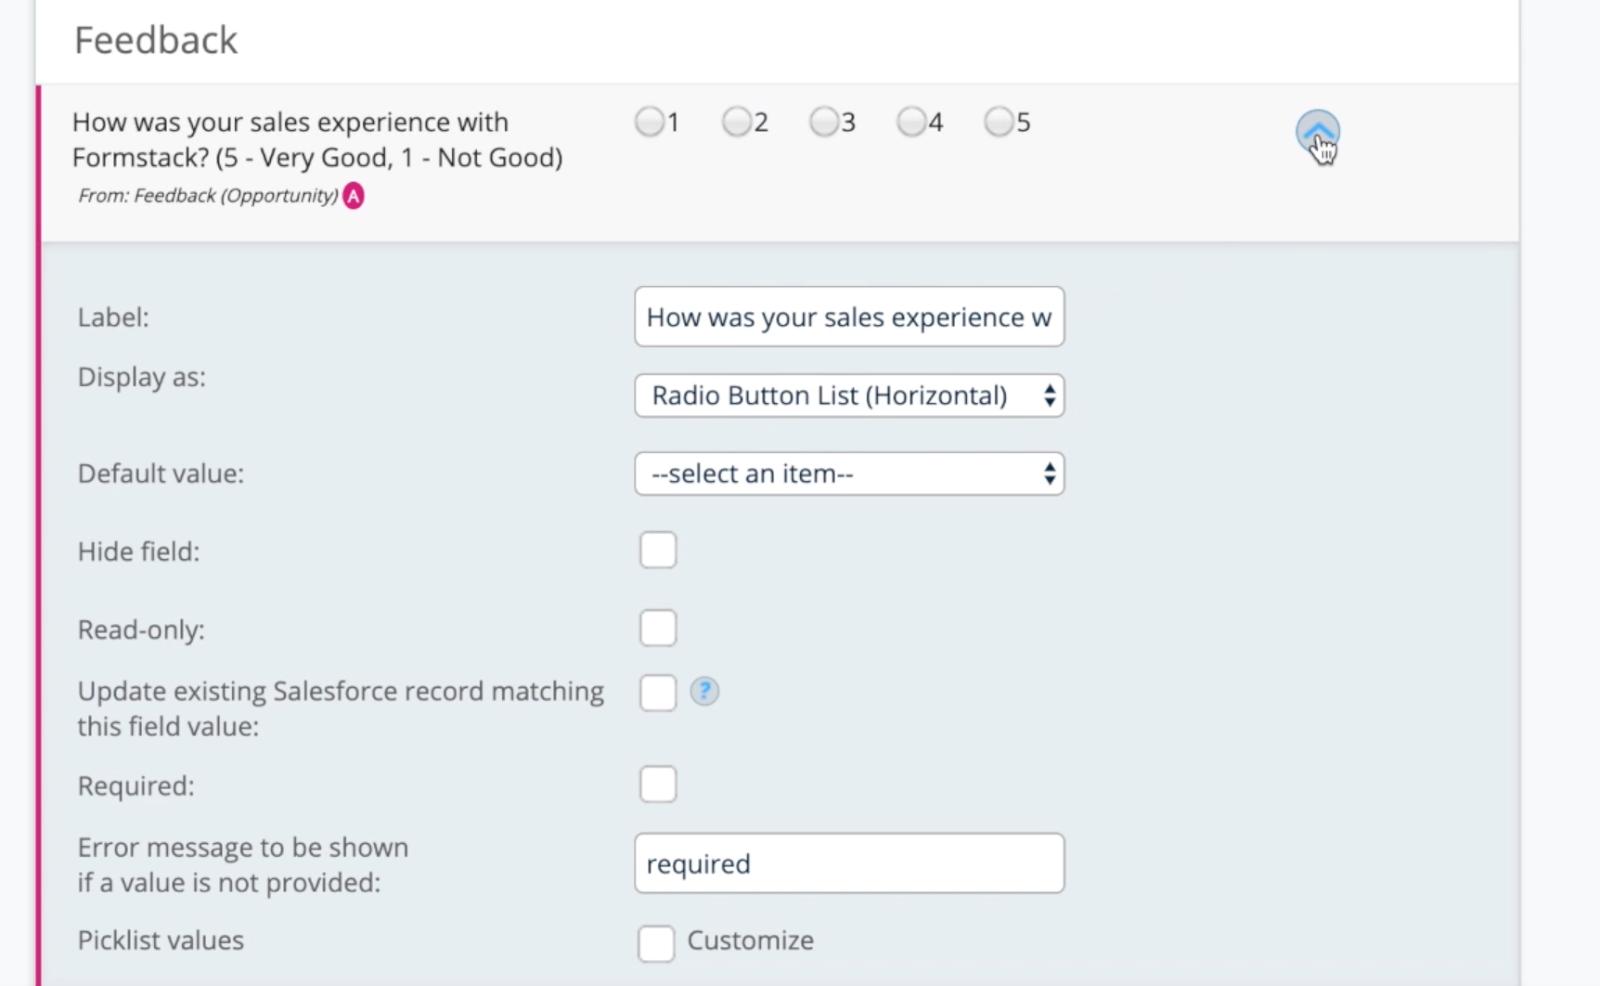 Salesforce object new feedback field.